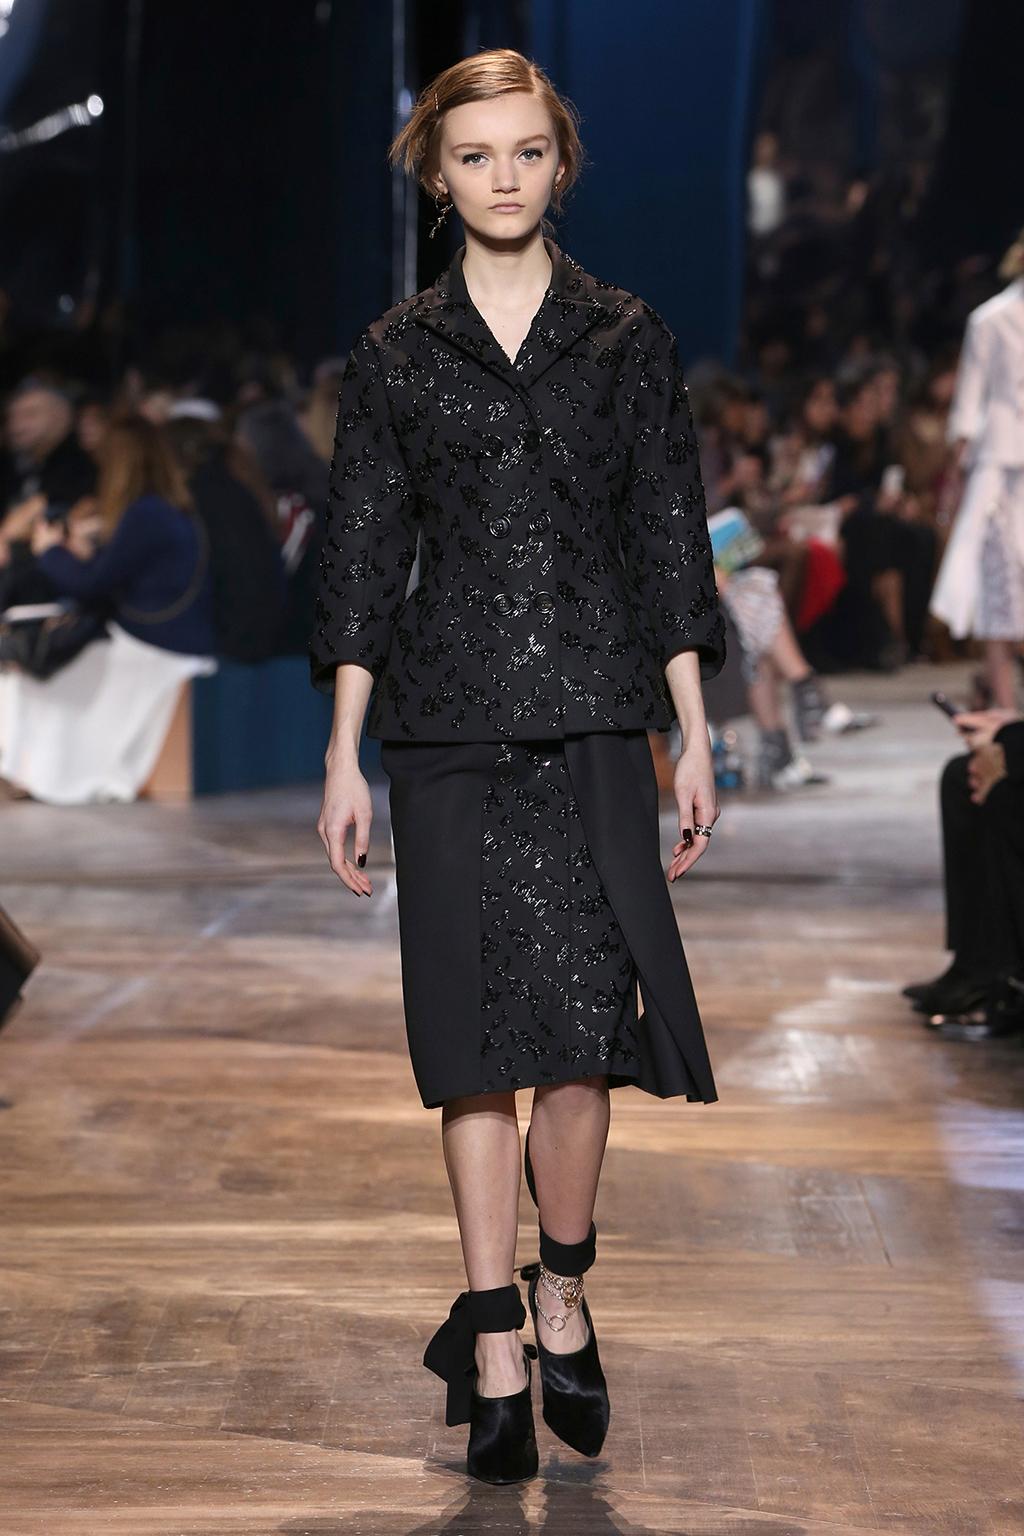 Dior-Couture-Silhouette-05